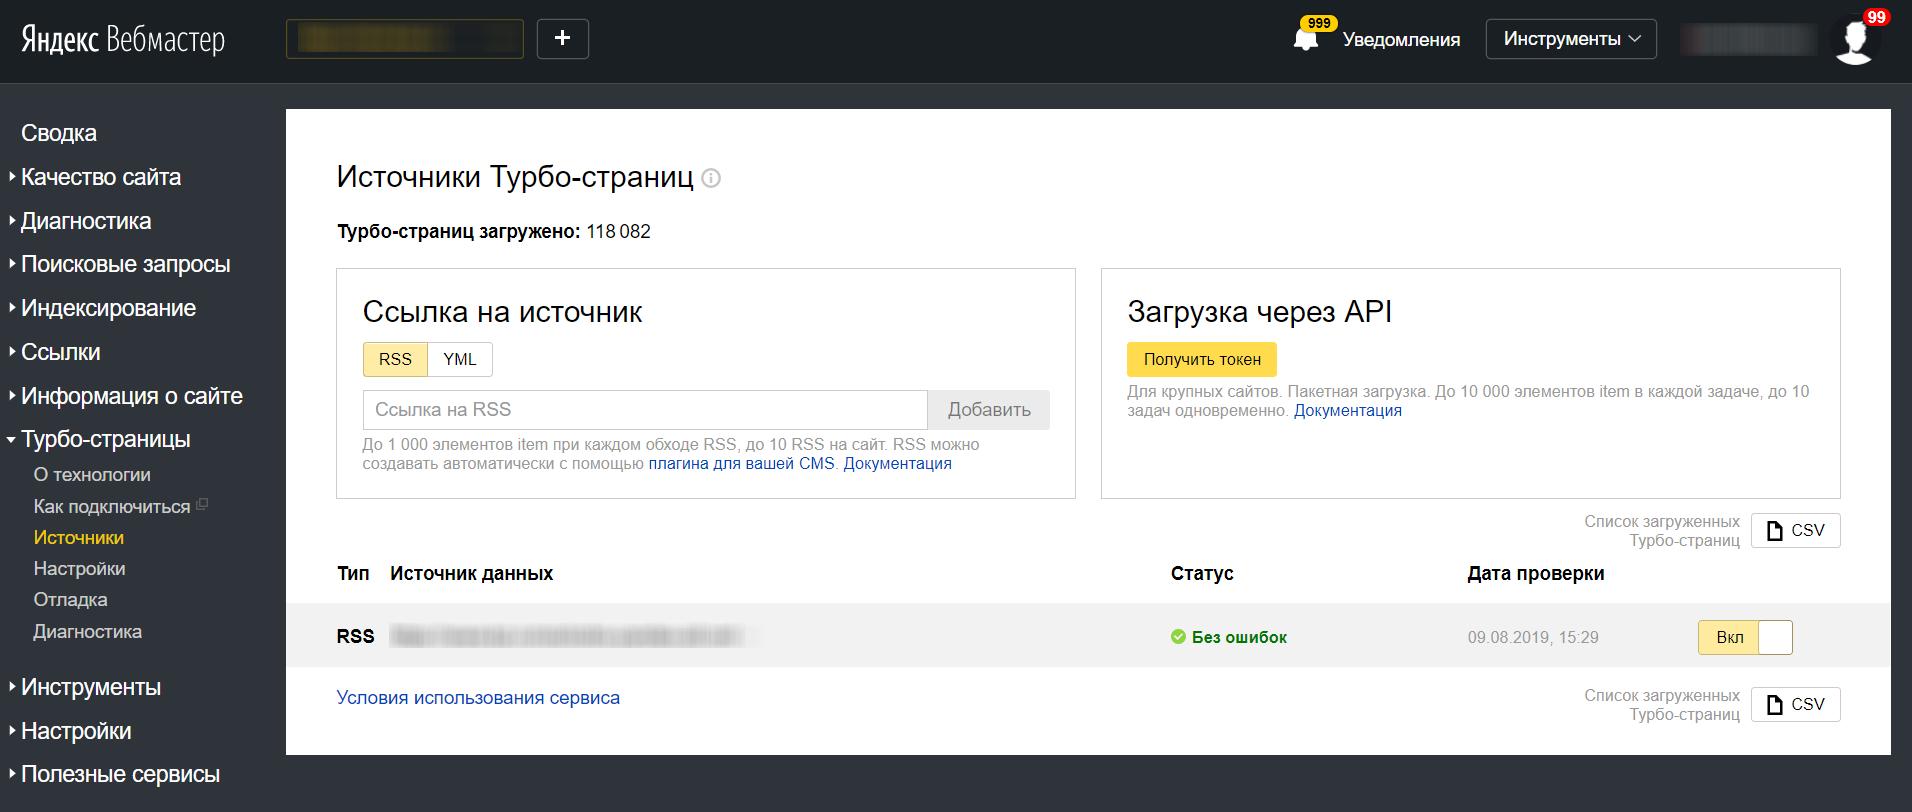 Яндекс.Вебмастер позволил выгружать список действующих Турбо-страниц